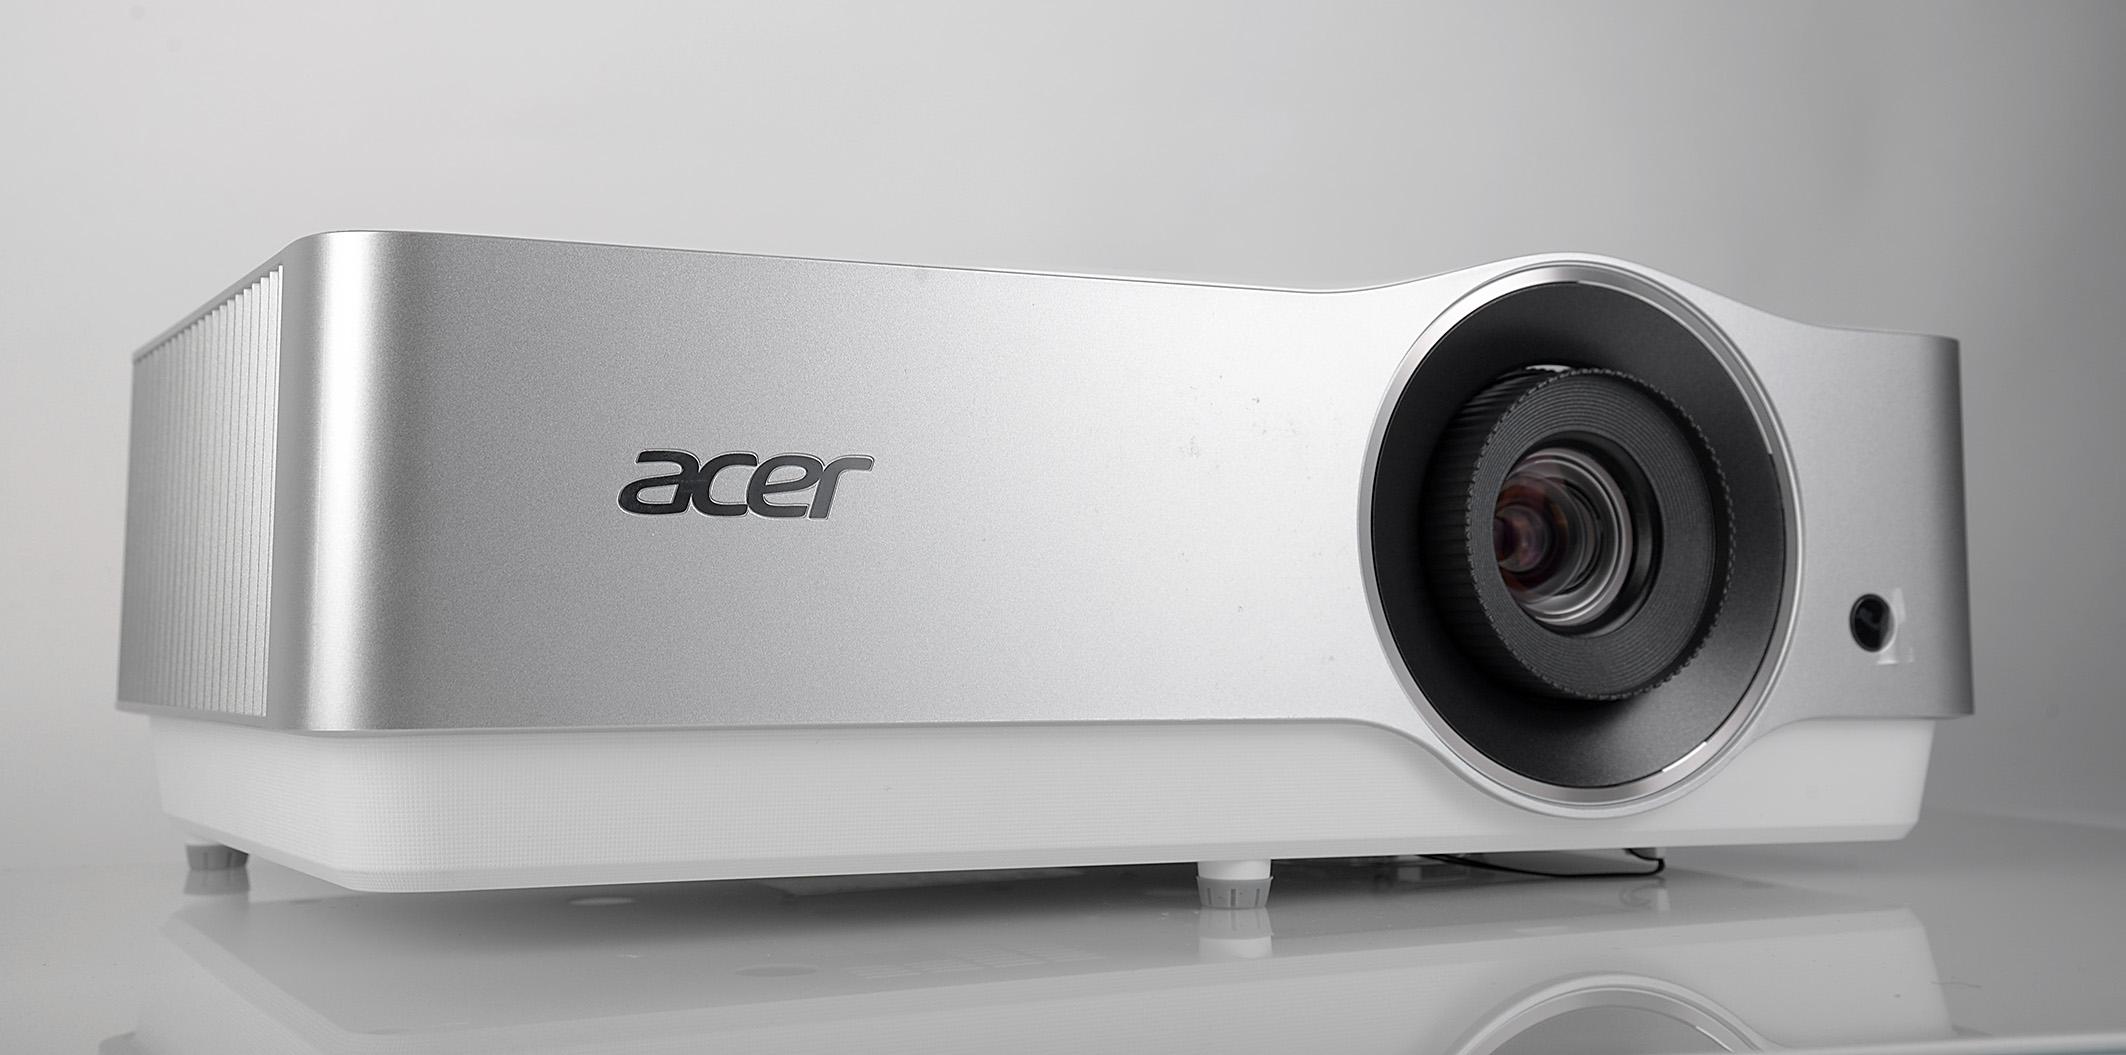 Foto: Michael B. Rehders Der Acer VL7860 ist ein angenehm kleiner Laser-Projektor.